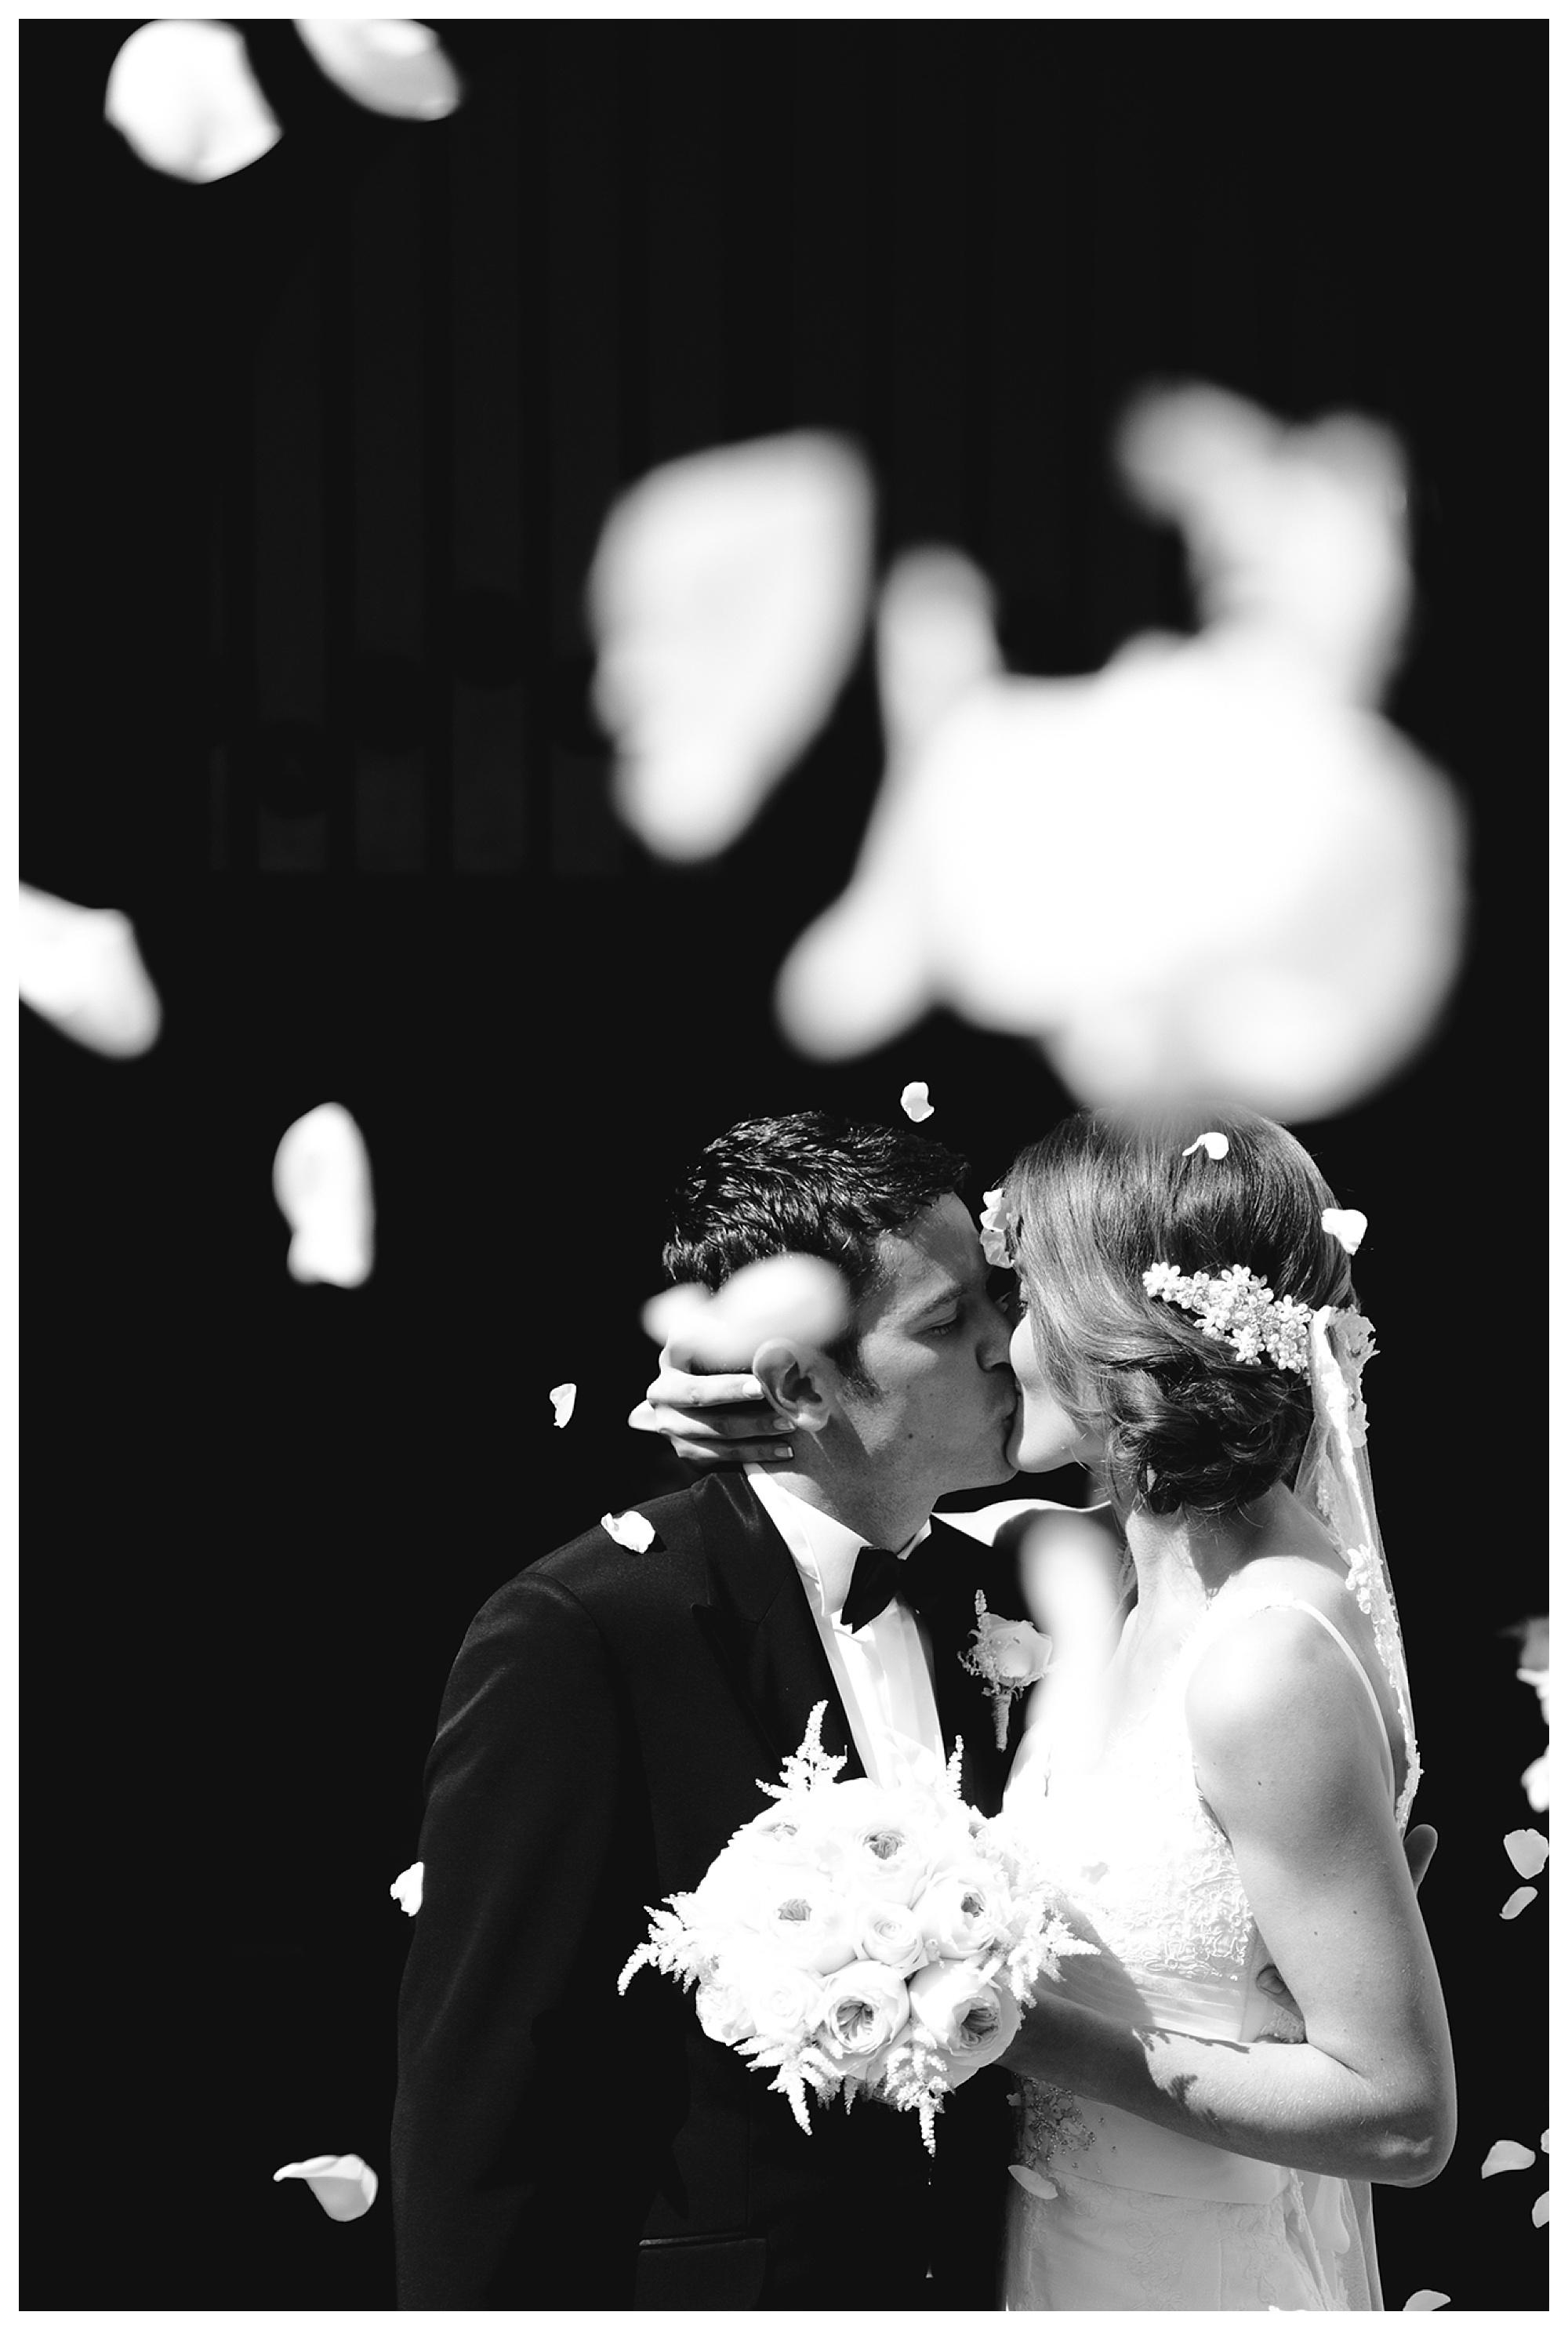 Fotograf Konstanz - Best of 2014 Elmar Feuerbacher Photography Hochzeit Portrait 008 - Rückblick auf 2014  - 78 -